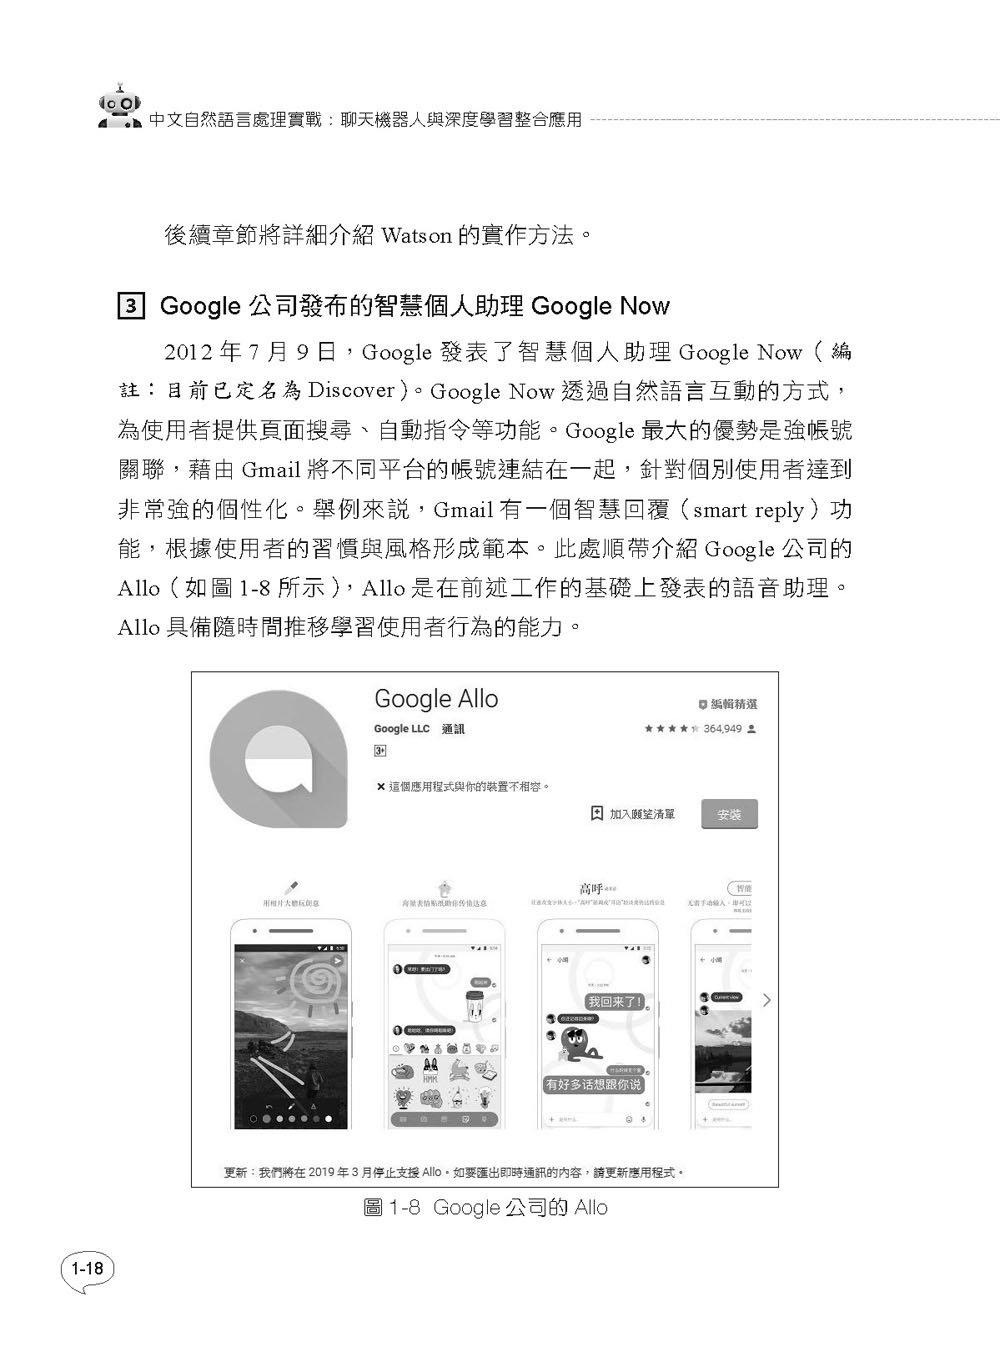 中文自然語言處理實戰:聊天機器人與深度學習整合應用-preview-7